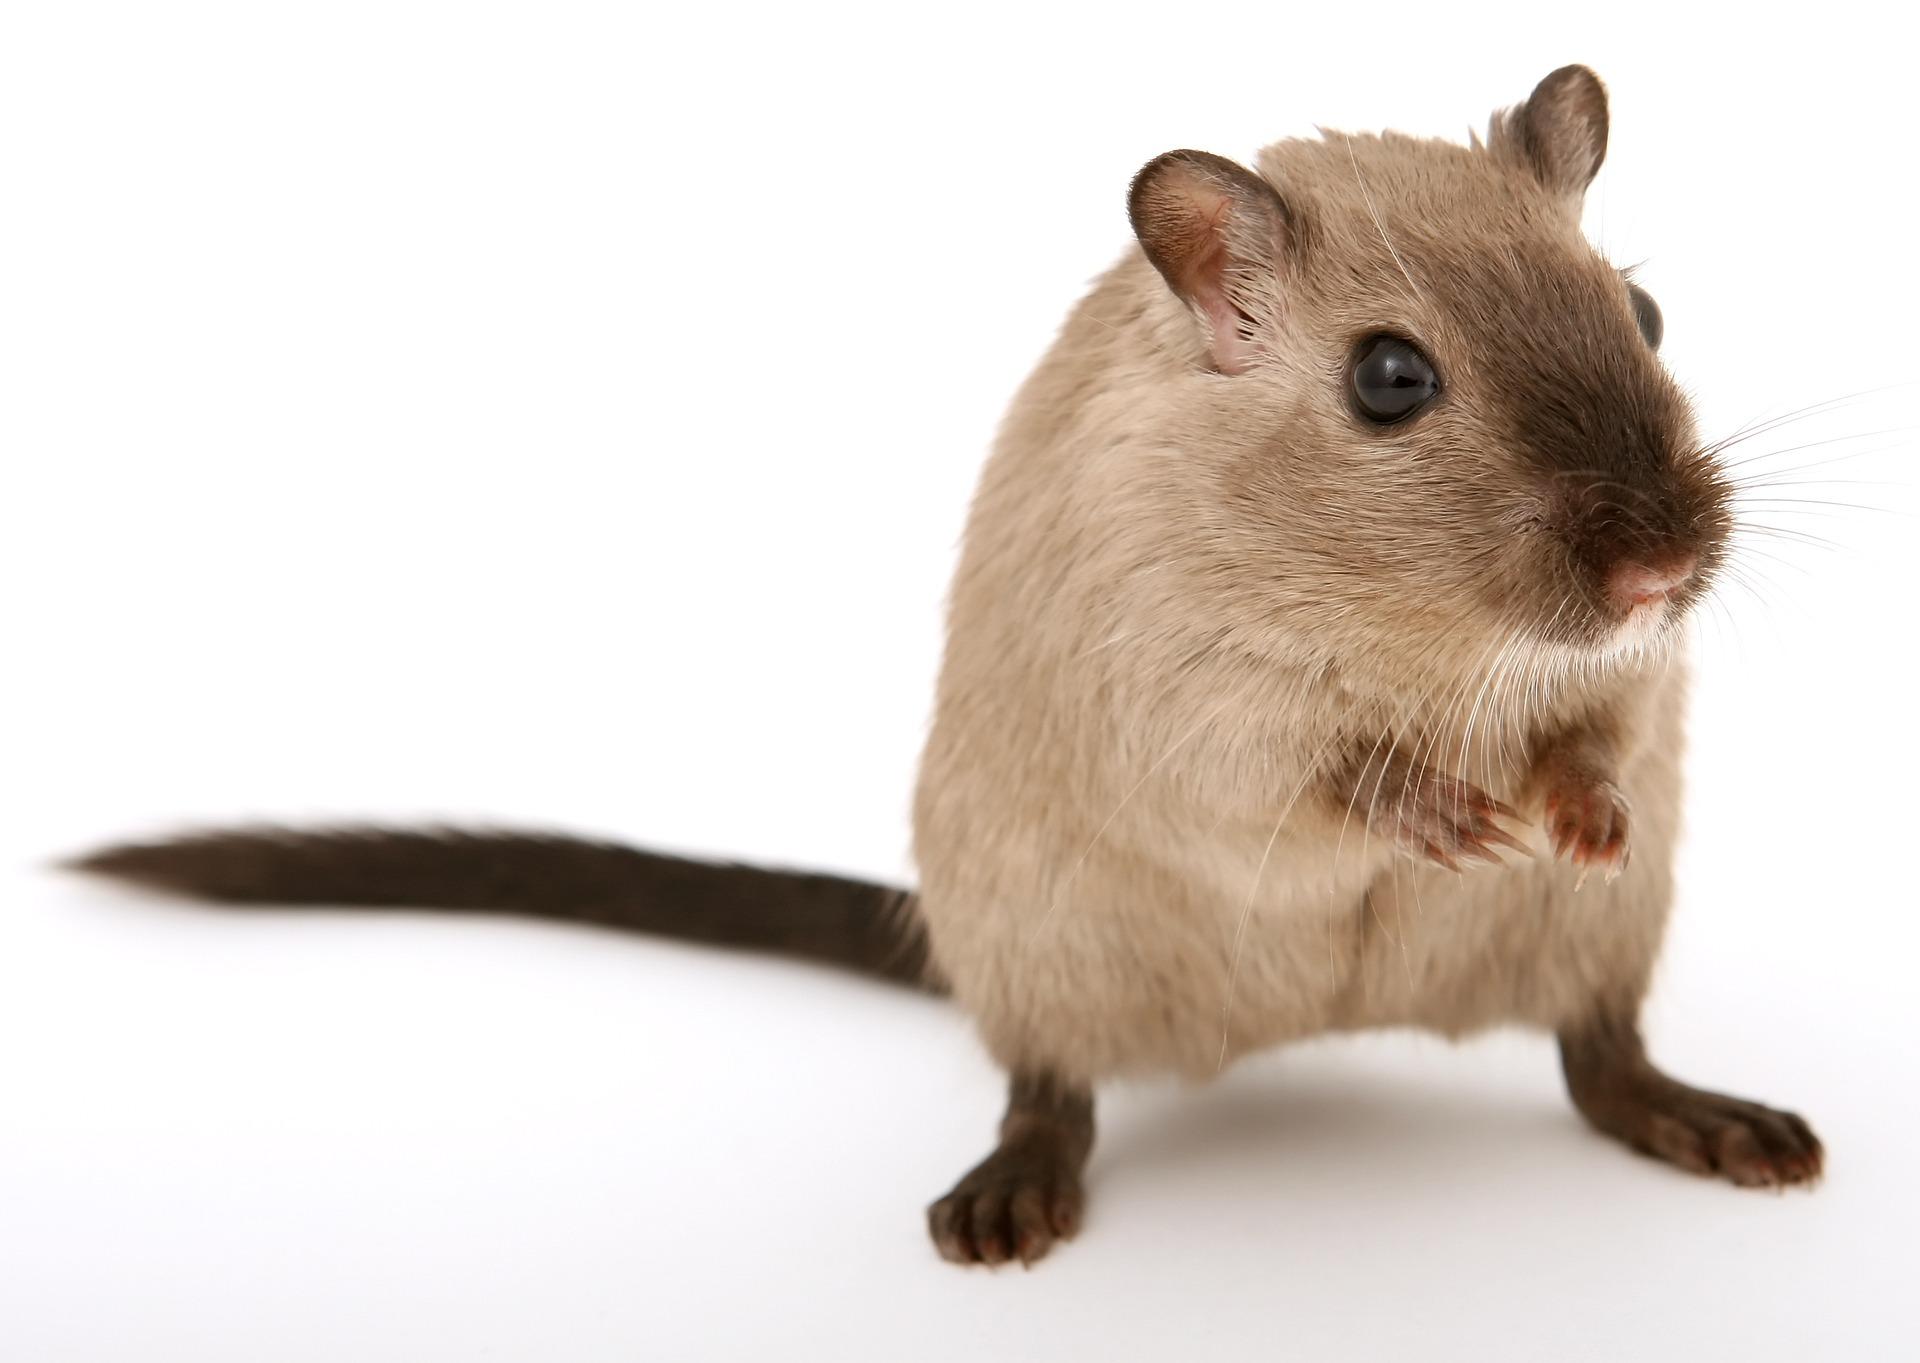 Biało-brązowy szczur, który stoi